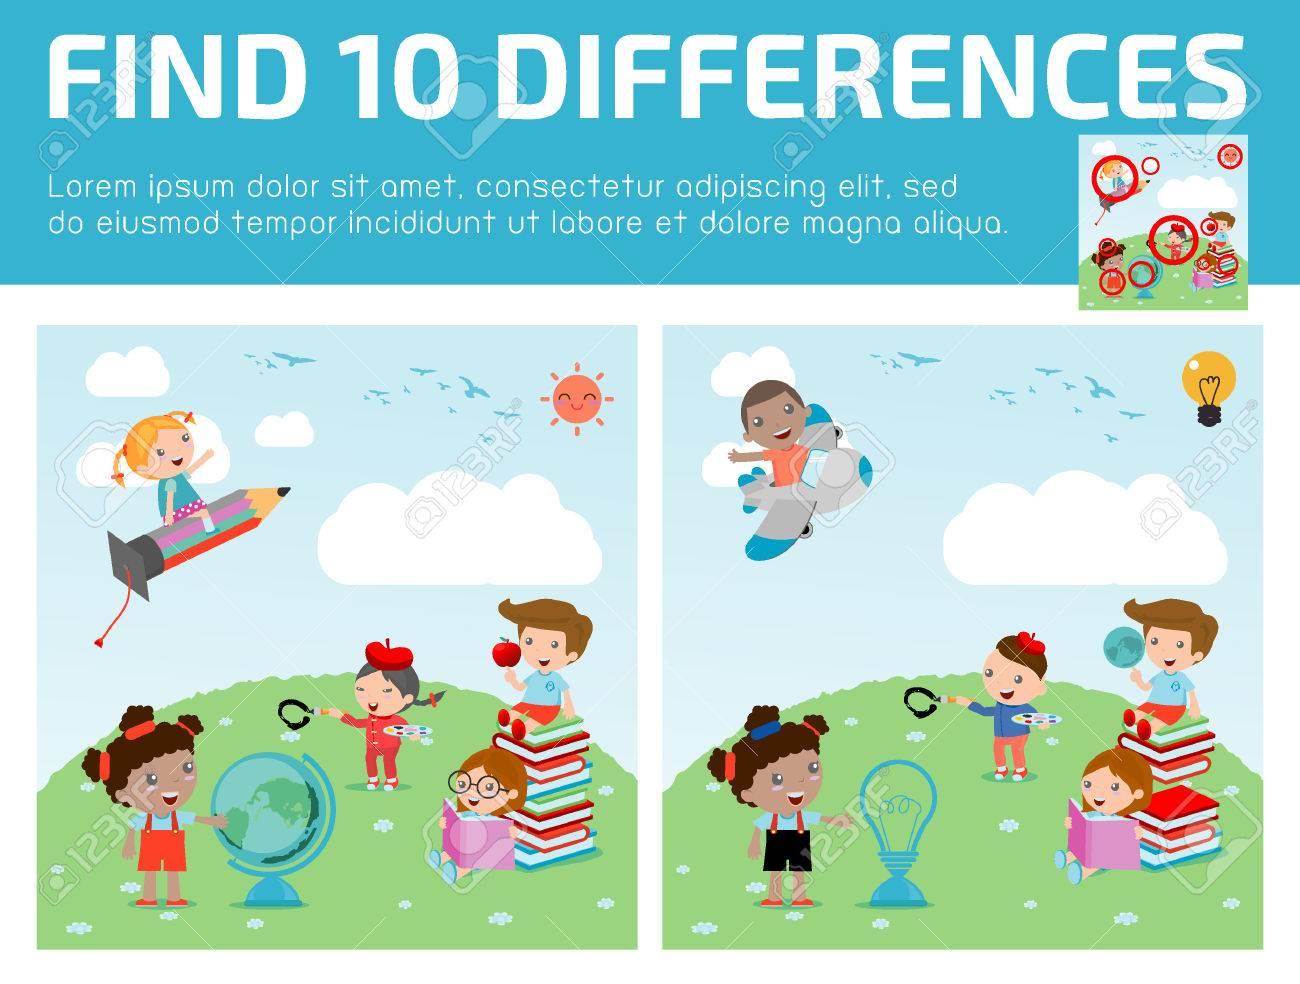 Trouver Des Différences, Jeux Pour Les Enfants, Trouver Des Différences,  Des Jeux De Cerveau, Les Enfants, Jeu Éducatif Pour Les Enfants D'âge à Jeux De Différence